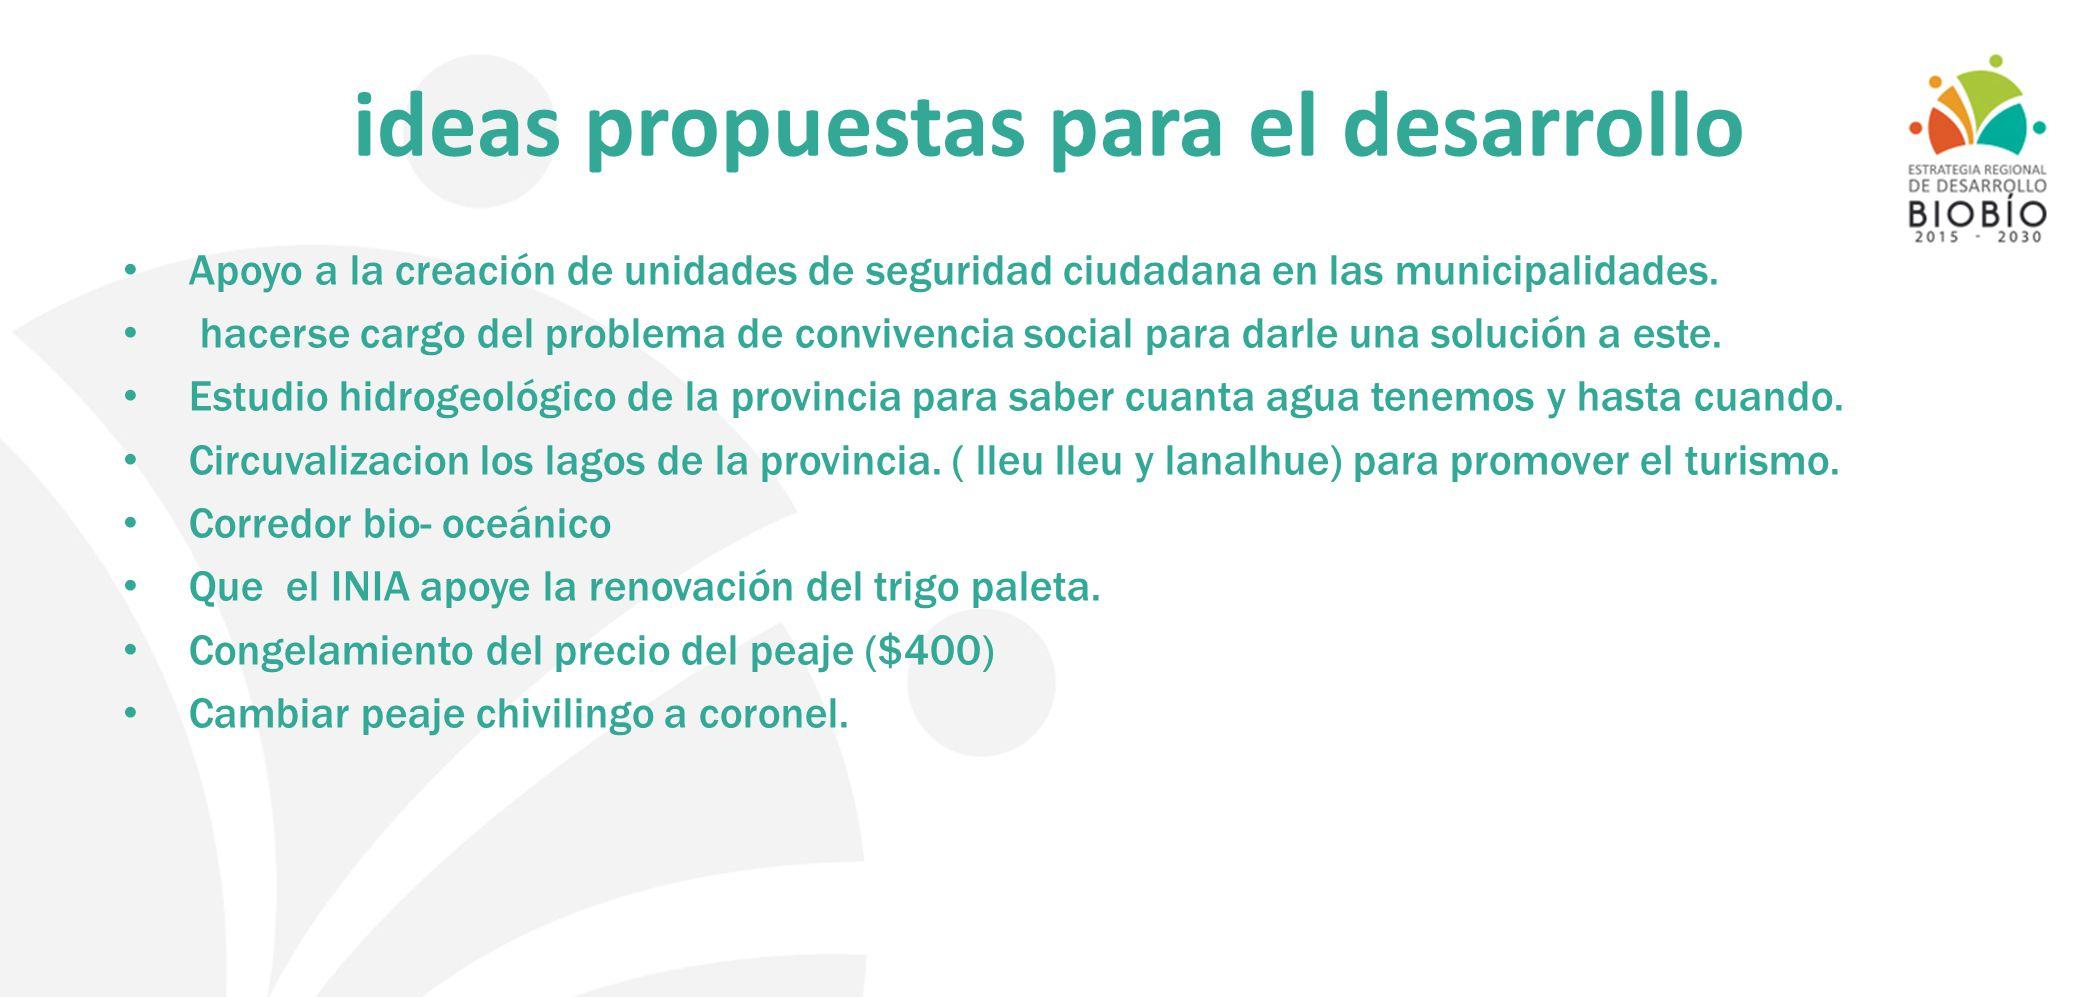 ideas propuestas para el desarrollo